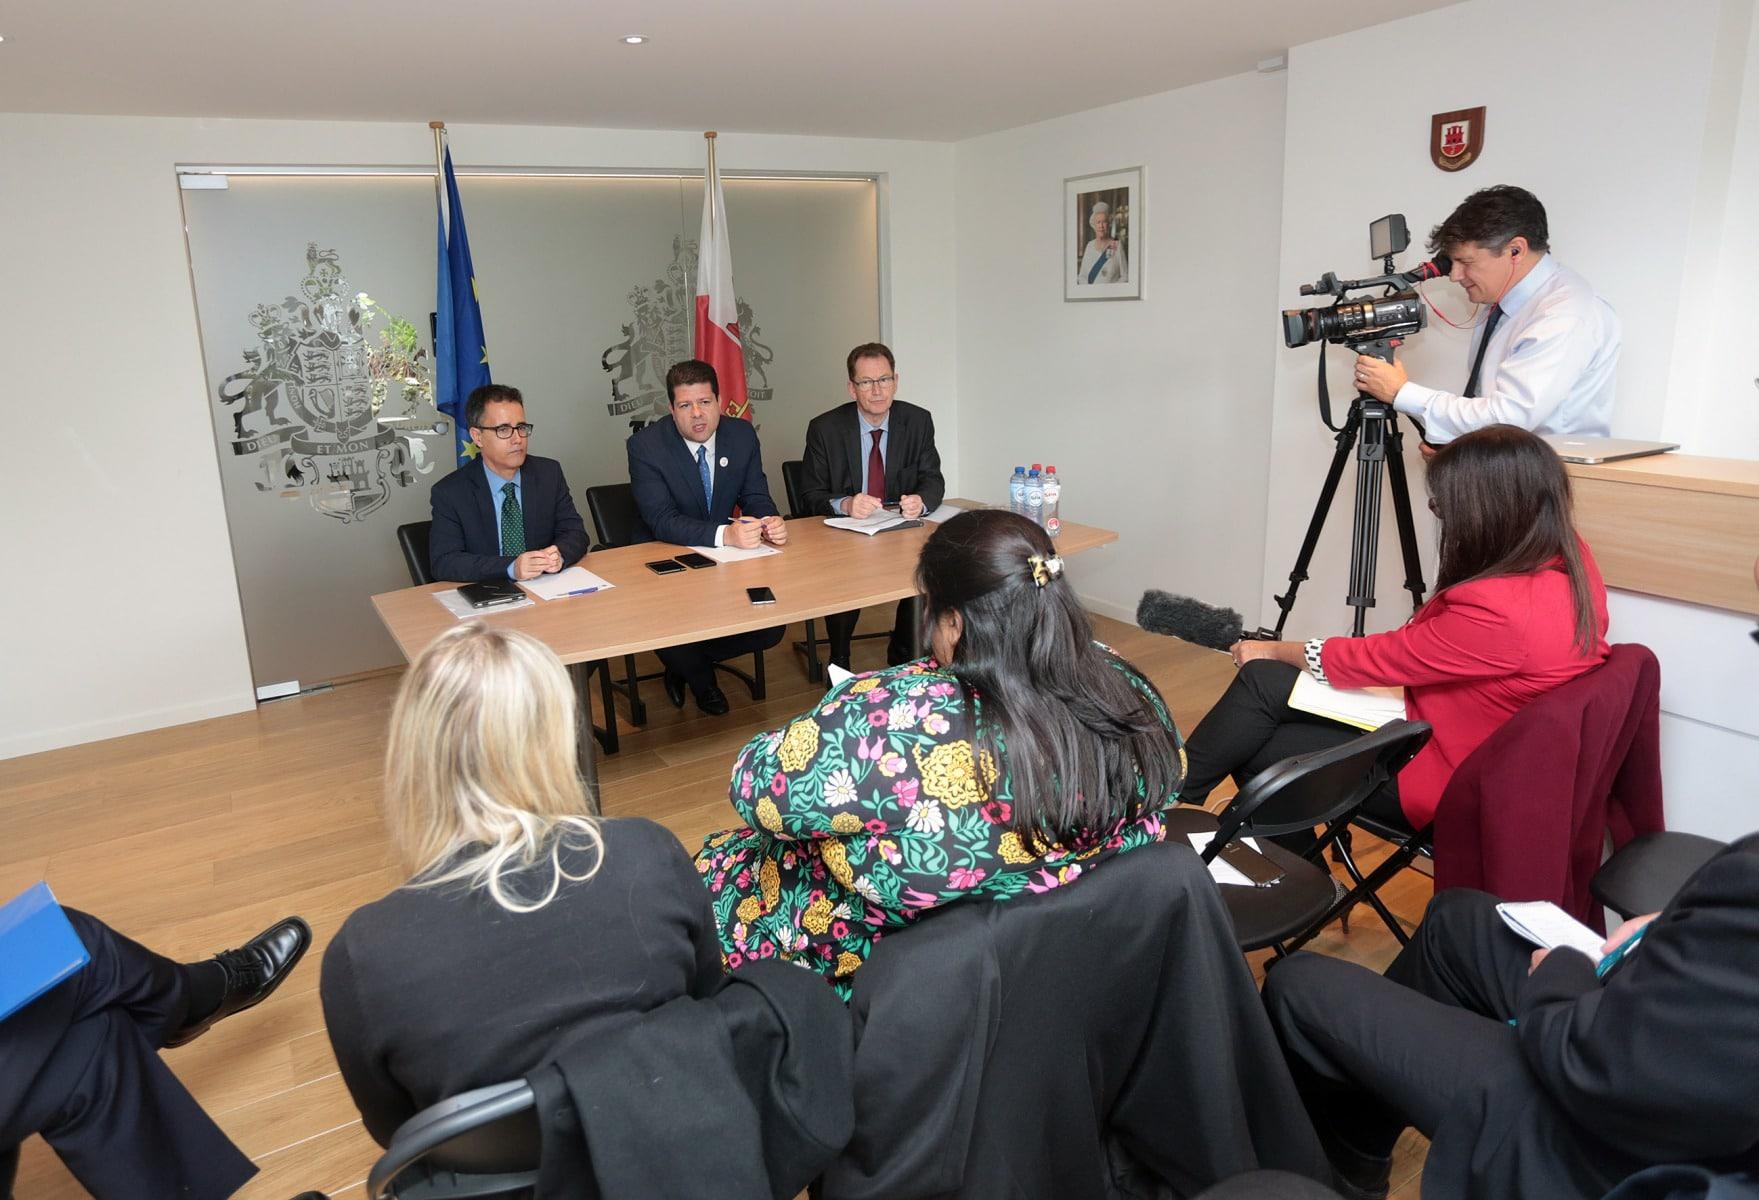 rueda-de-prensa-de-fabin-picardo-y-joseph-garca-en-bruselas_26615738483_o